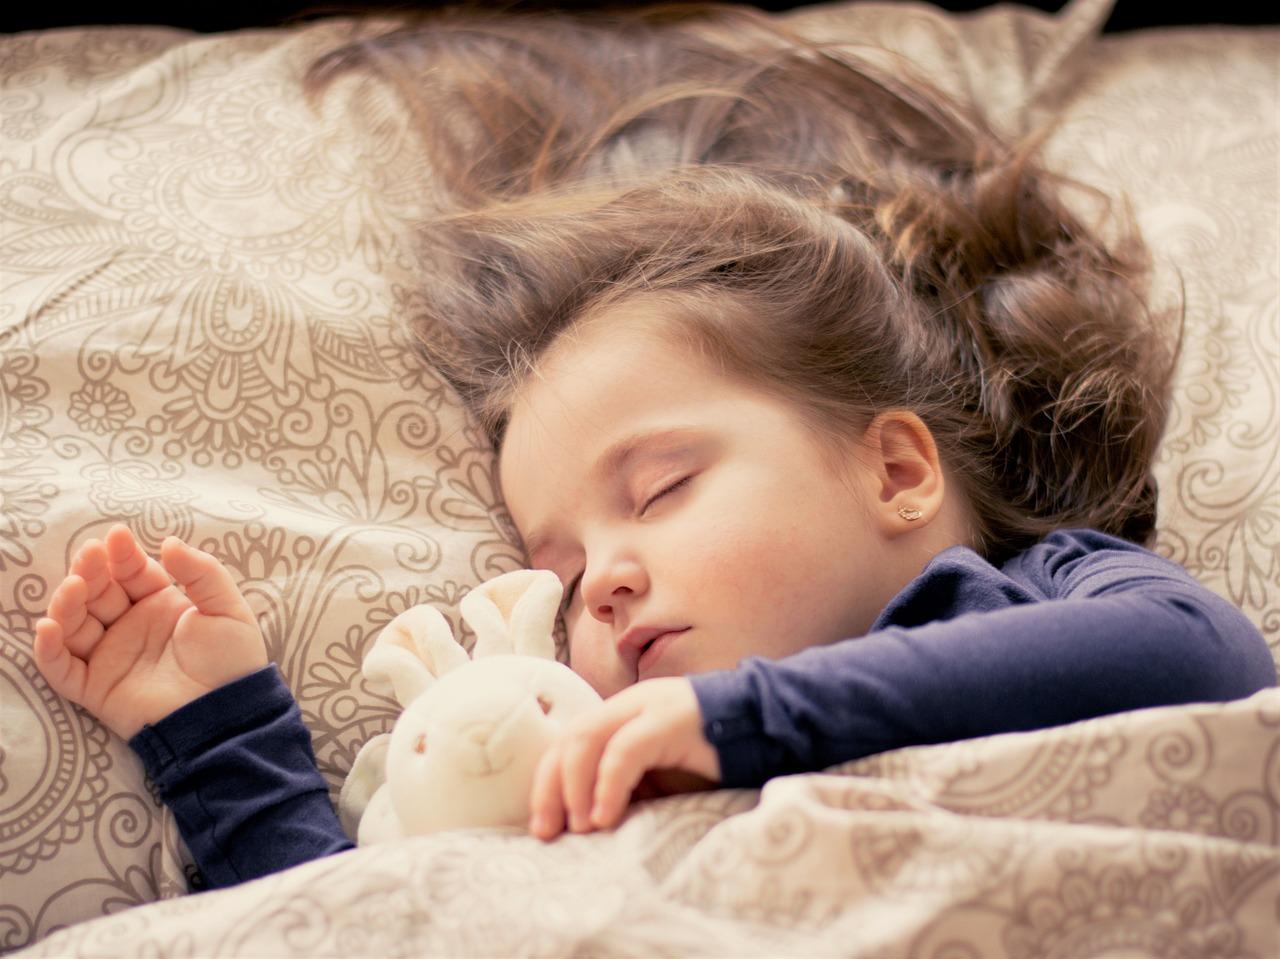 kislány alszik egy nyuszival